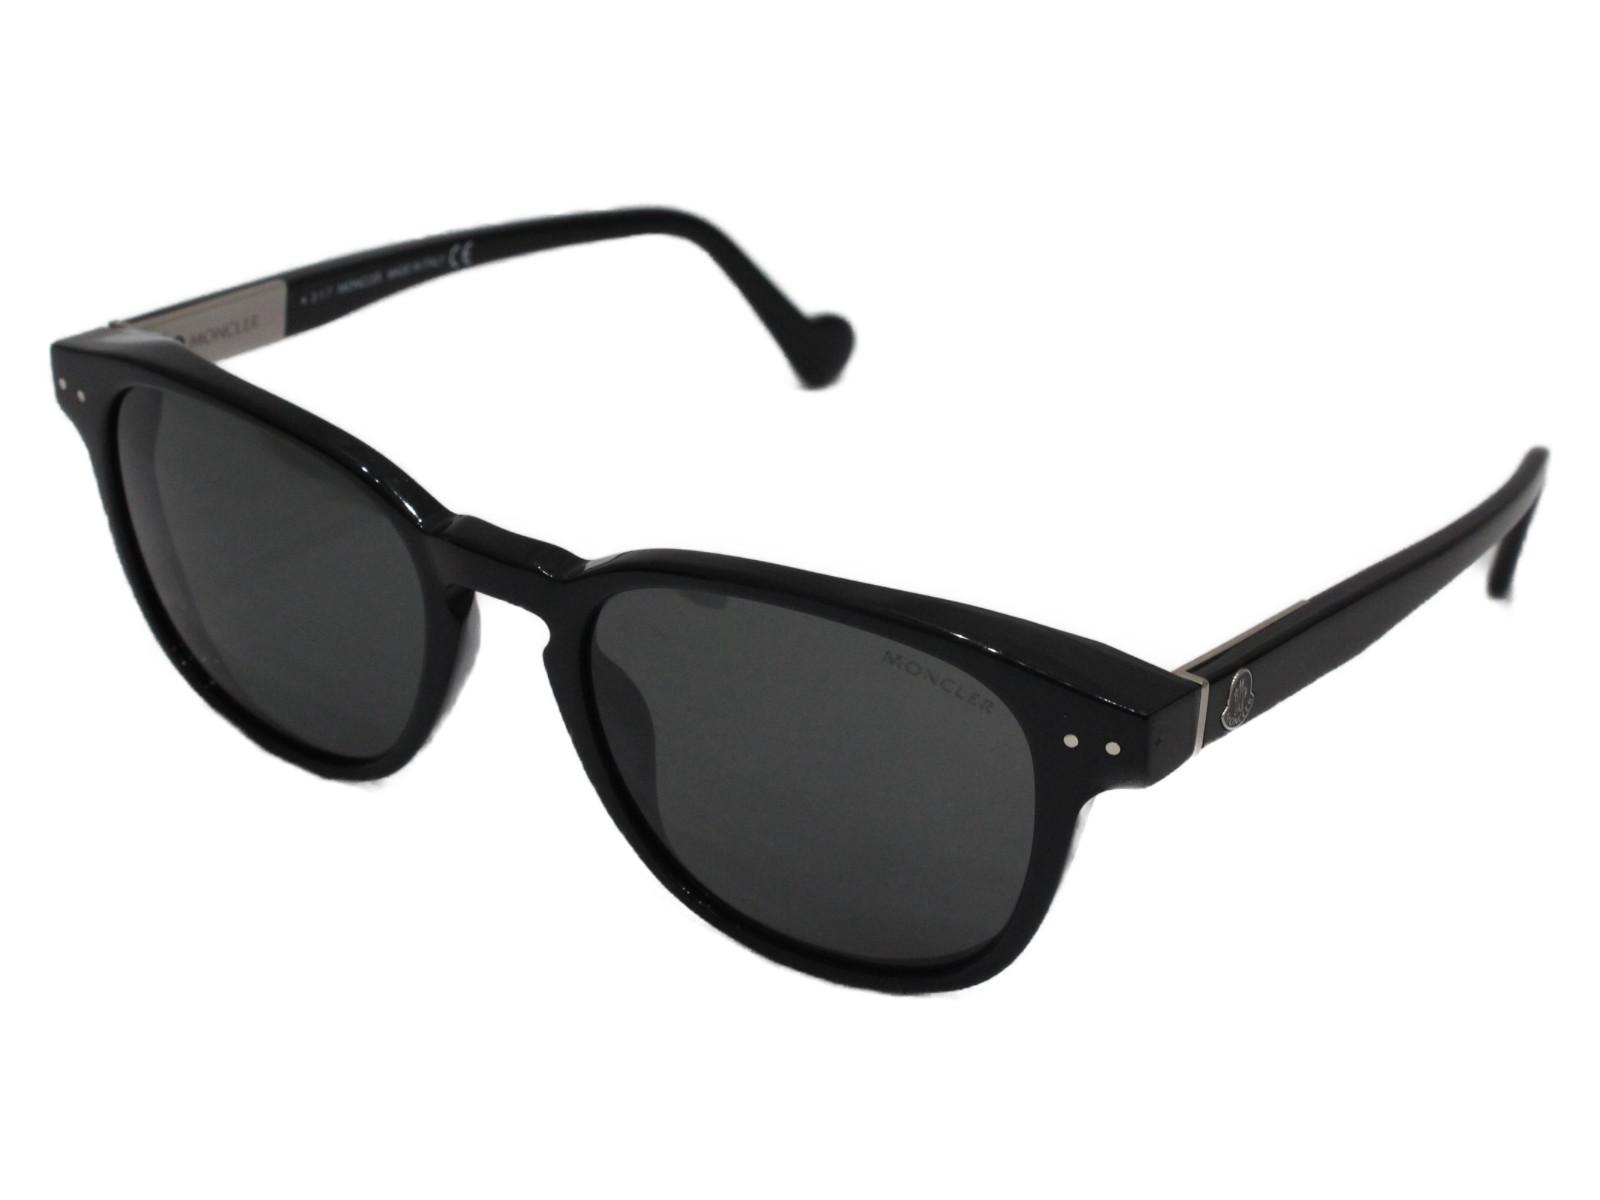 モンクレール 質屋かんてい局松前R56店 新作アイテム毎日更新 MONCLER サングラス ML0010 01A New 買物 Sunglasses ブラック 中古 松前R56店 Unisex